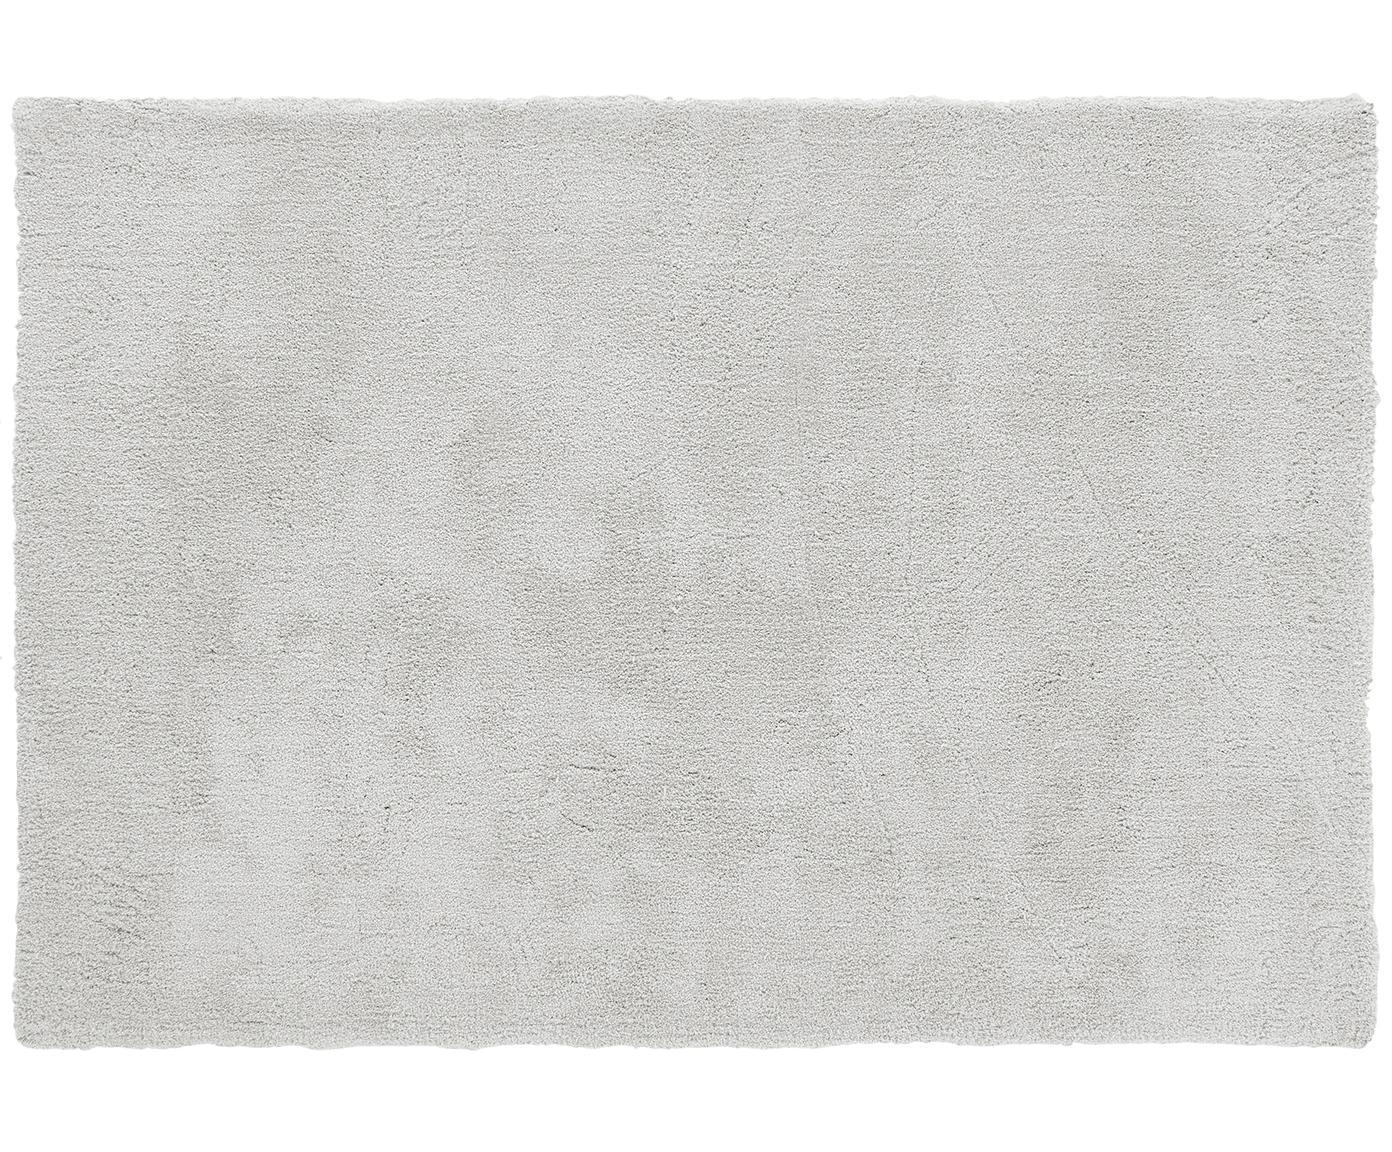 Pluizig hoogpolig vloerkleed Leighton in lichtgrijs, Bovenzijde: 100% polyester (microveze, Onderzijde: 100% polyester, Lichtgrijs, 80 x 150 cm